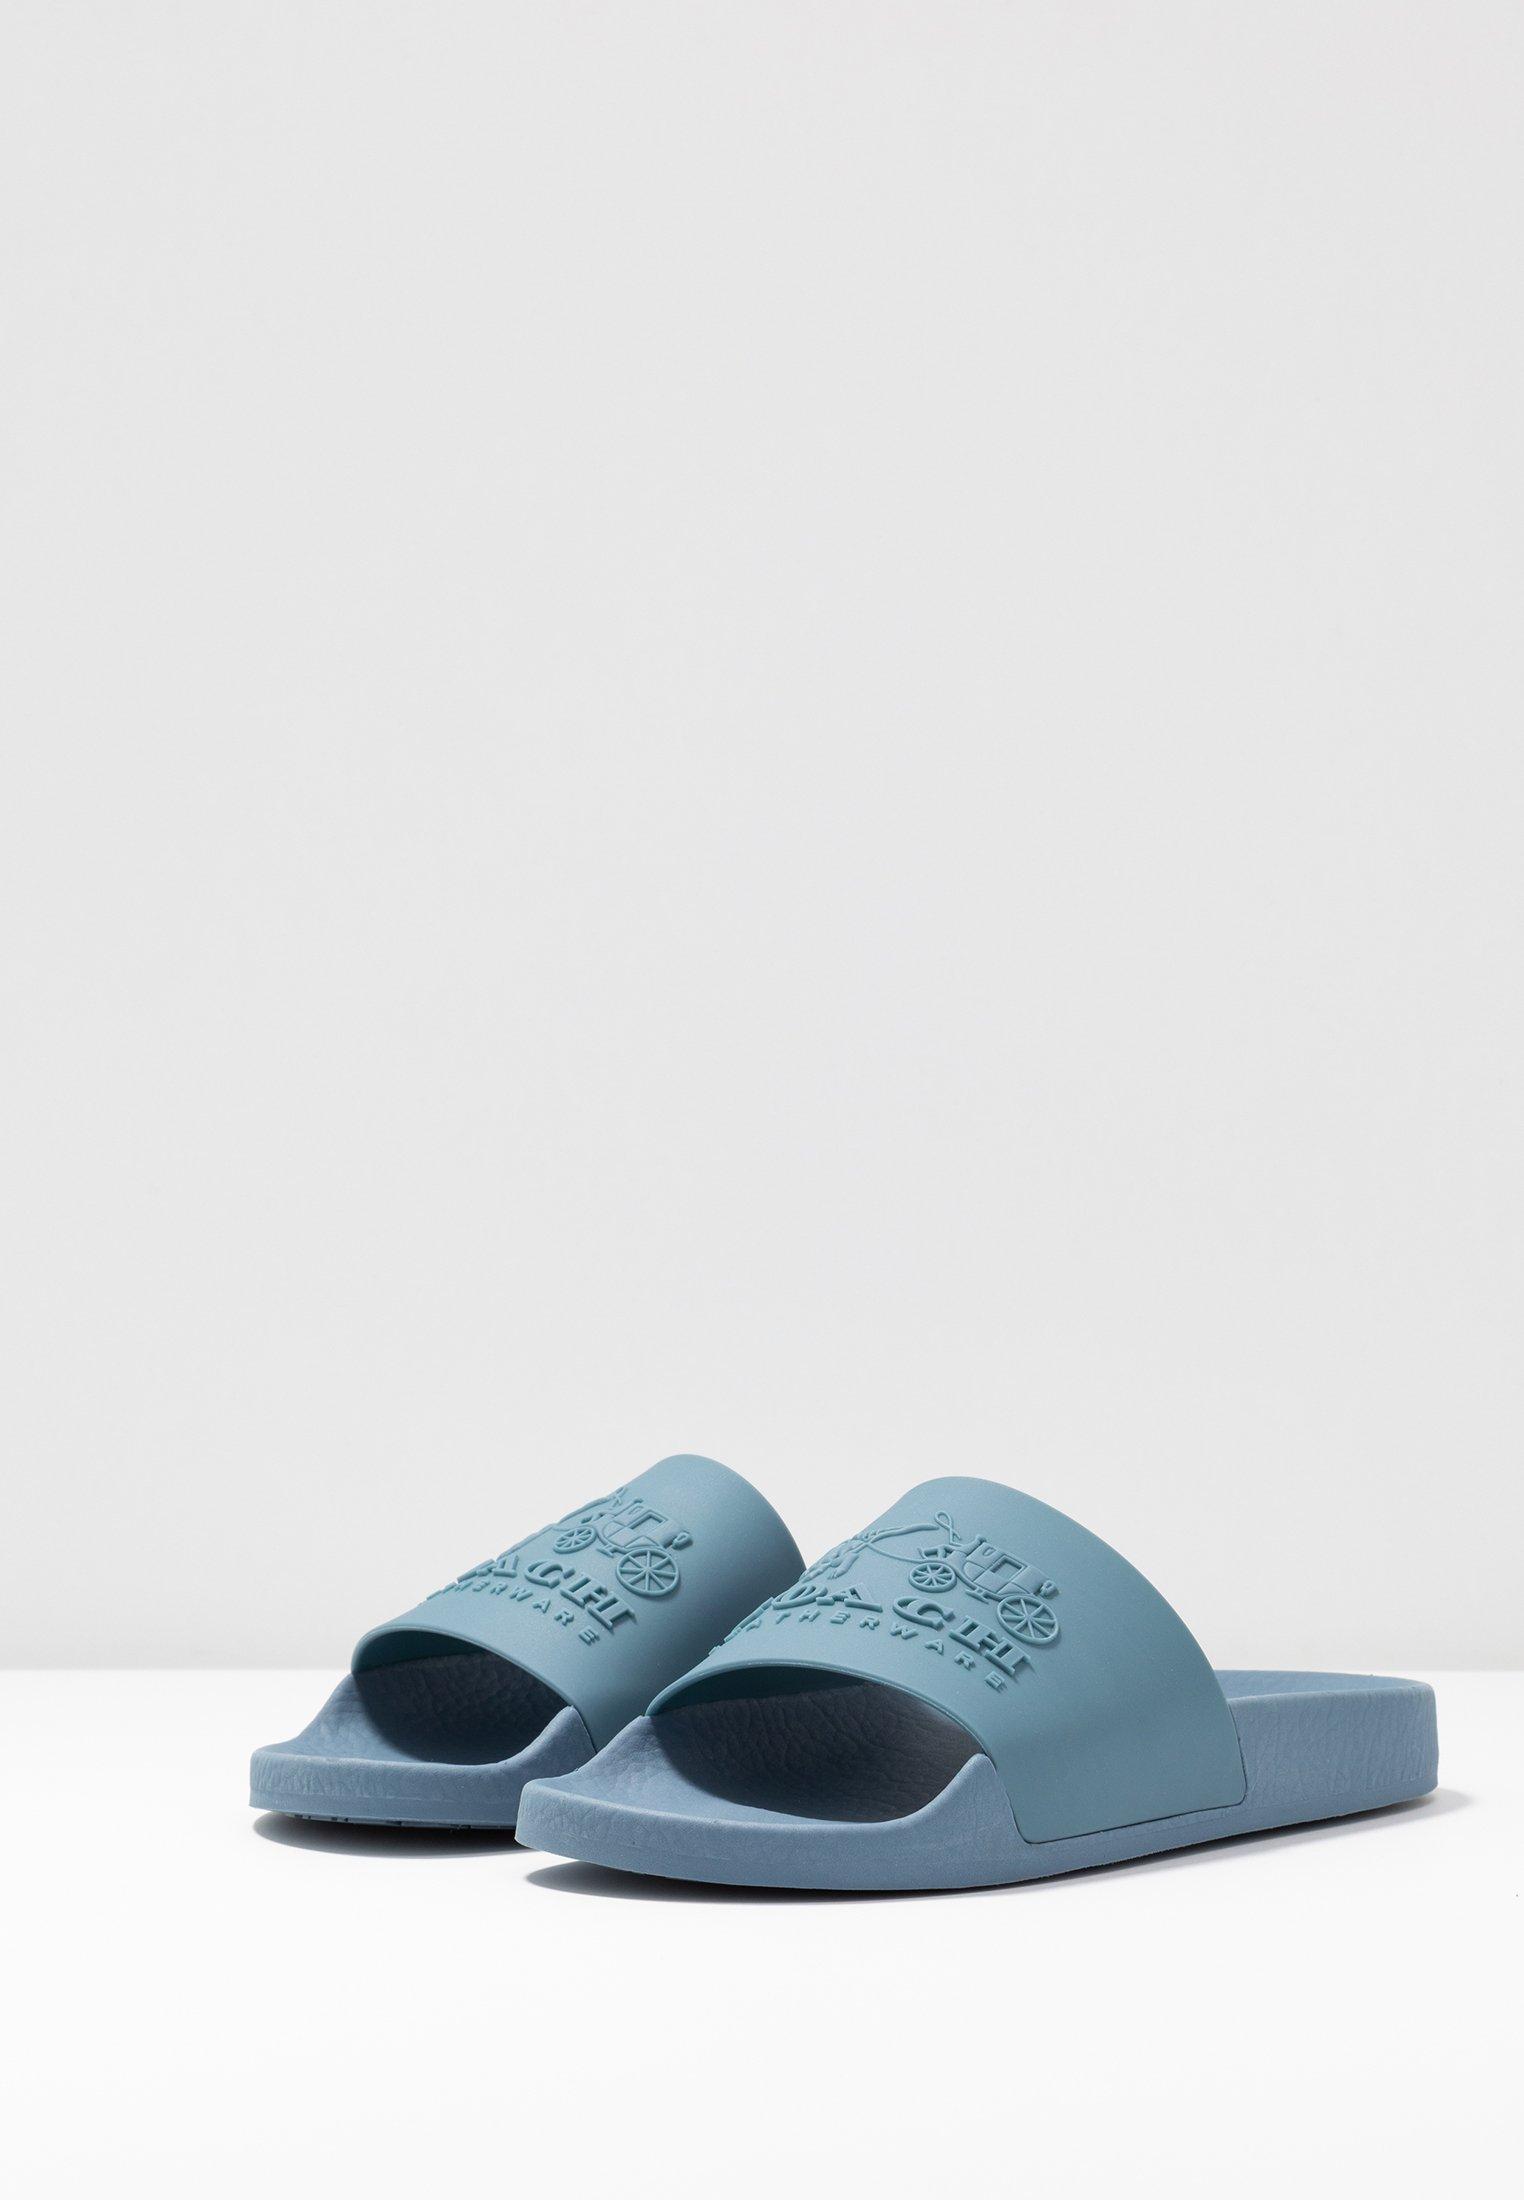 Bain De Blue SlideSandales Coach Udele GjqzMVpUSL